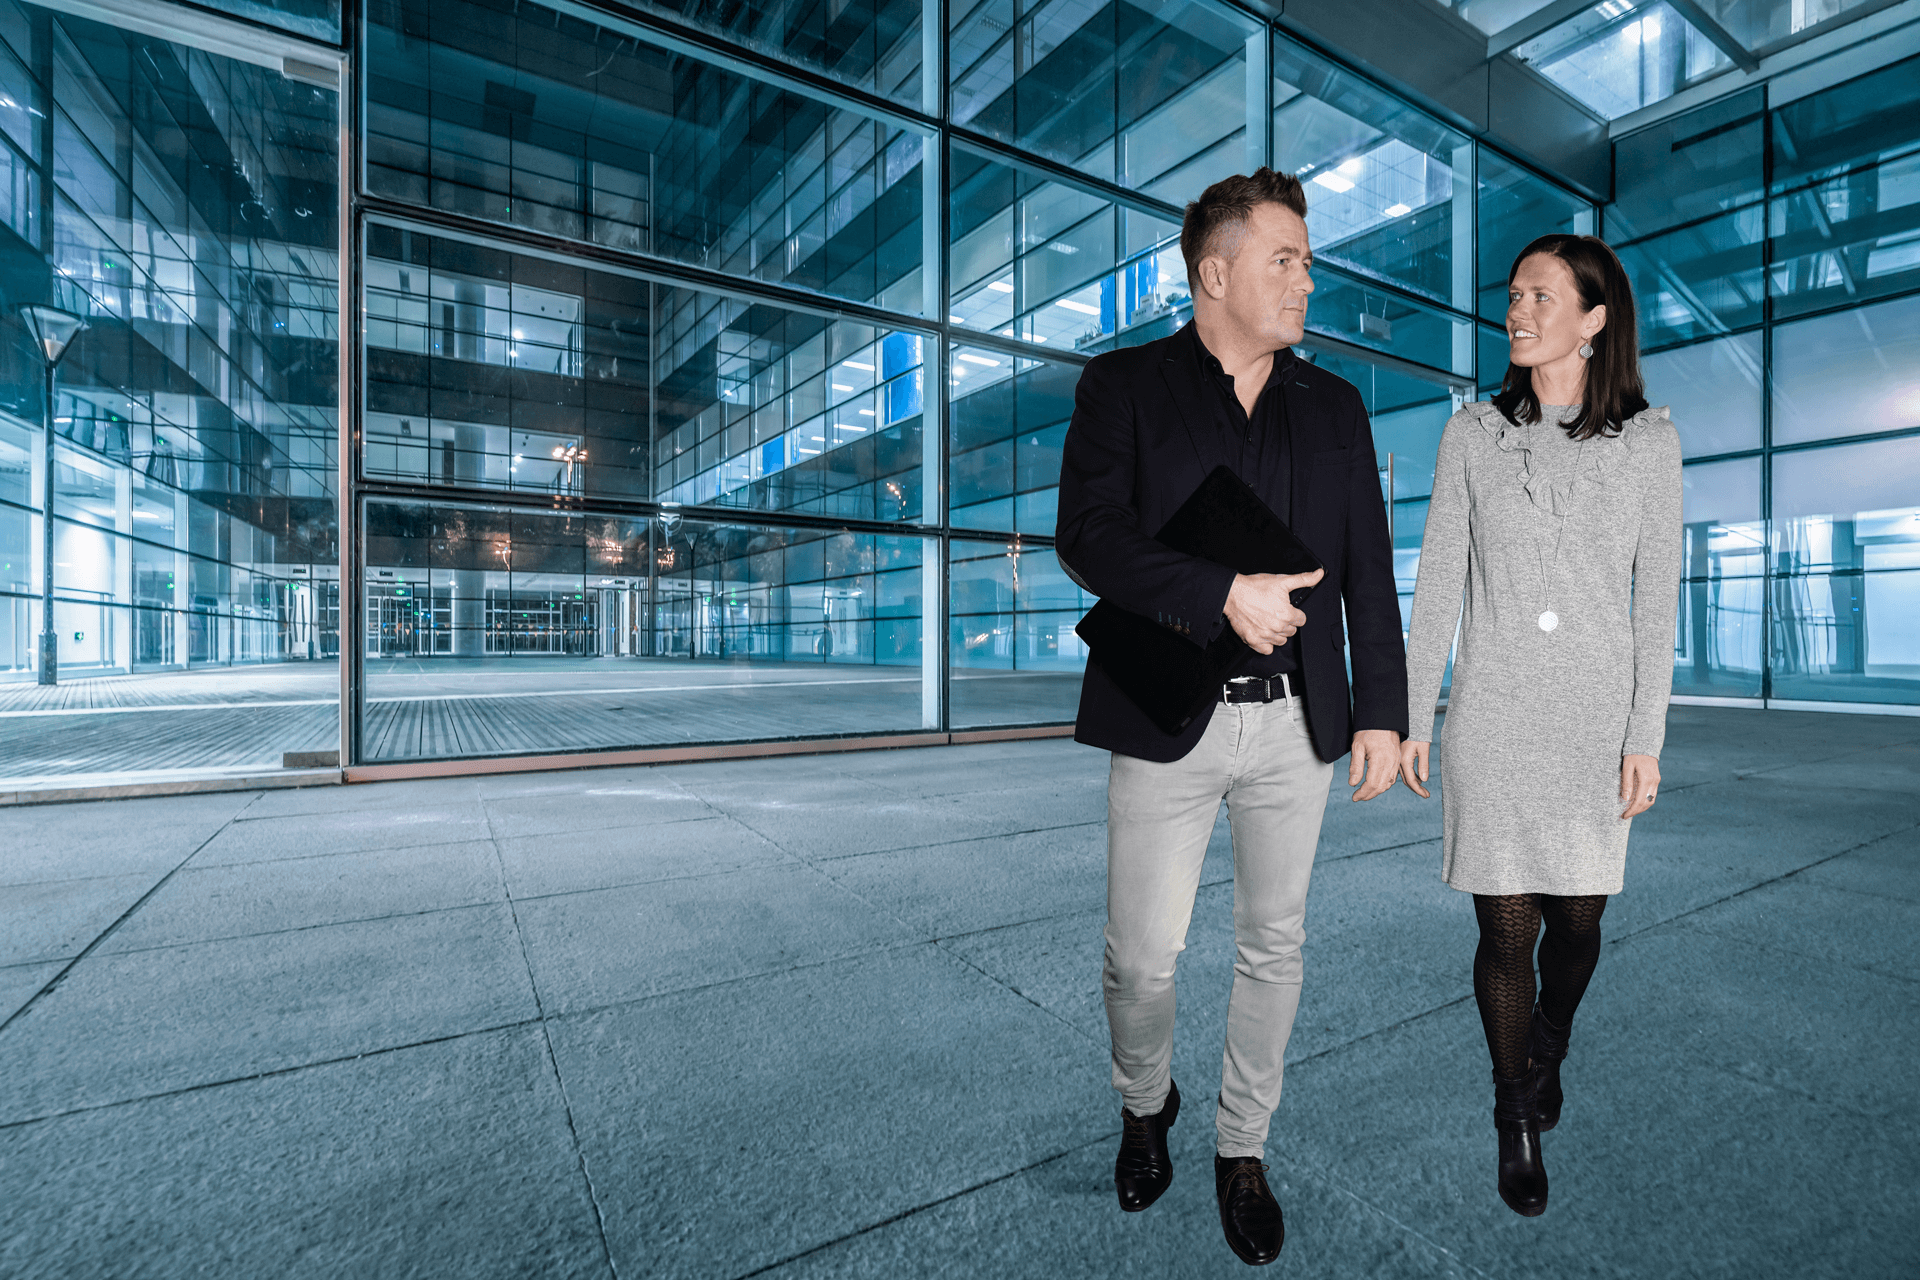 Bernhard und Sabrina Altschäffel vor einem Glasgebäude